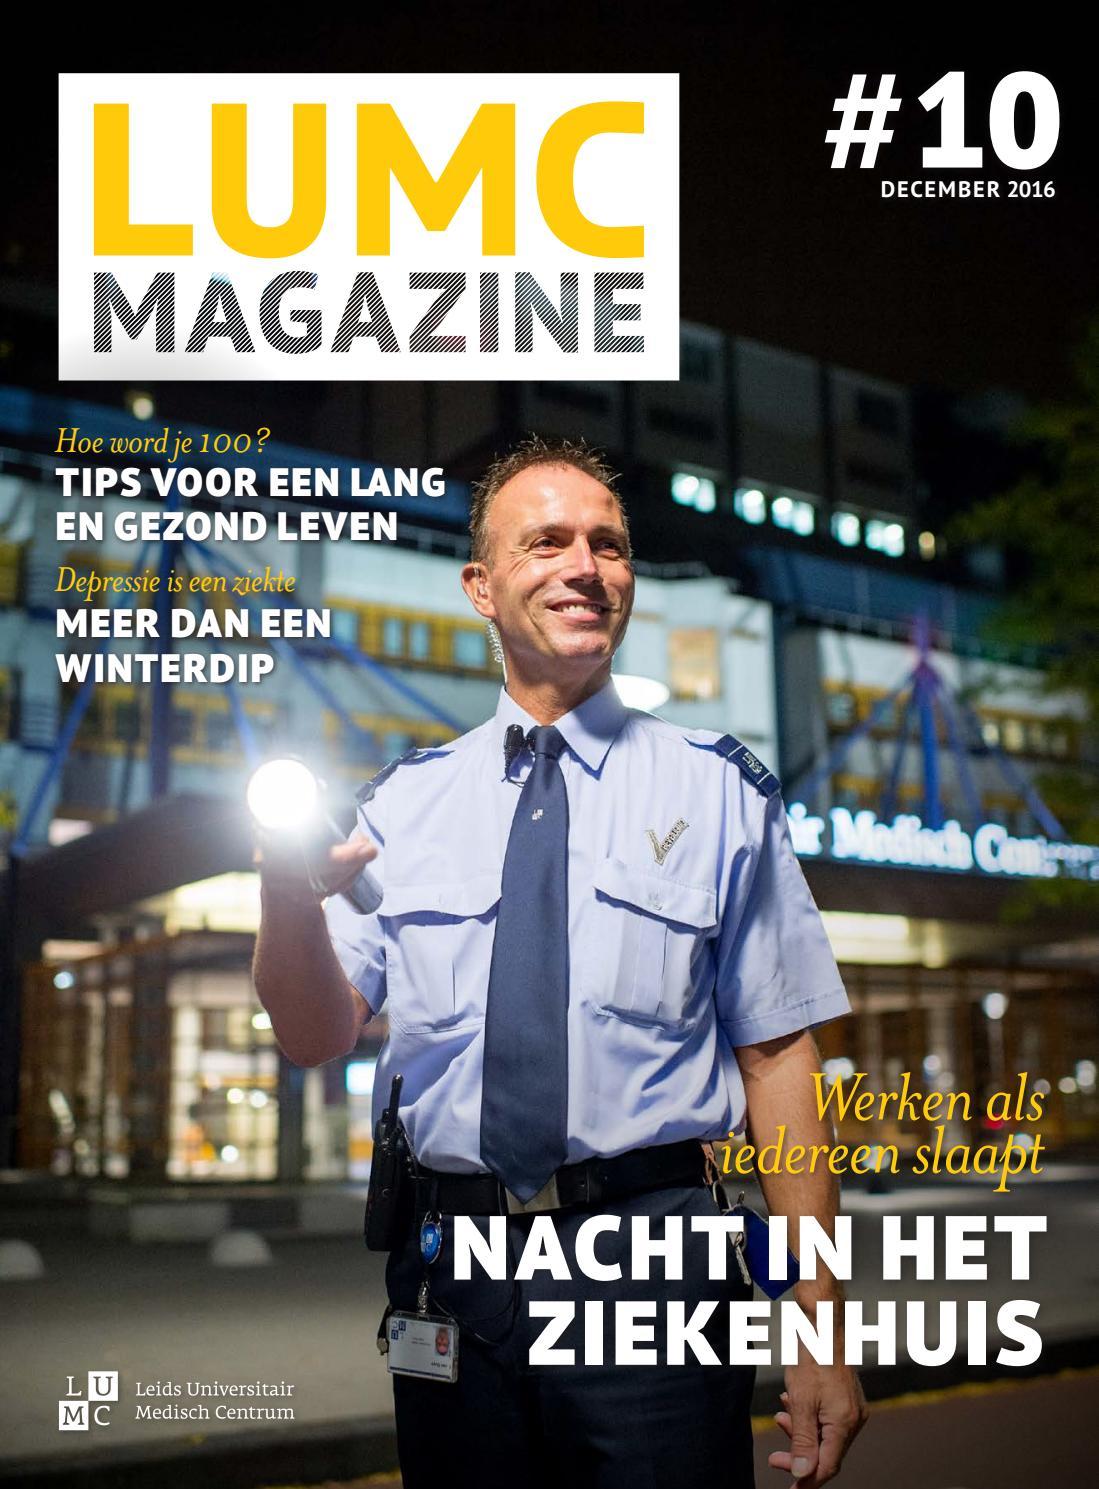 Lumc magazine #10 by leids universitair medisch centrum   issuu